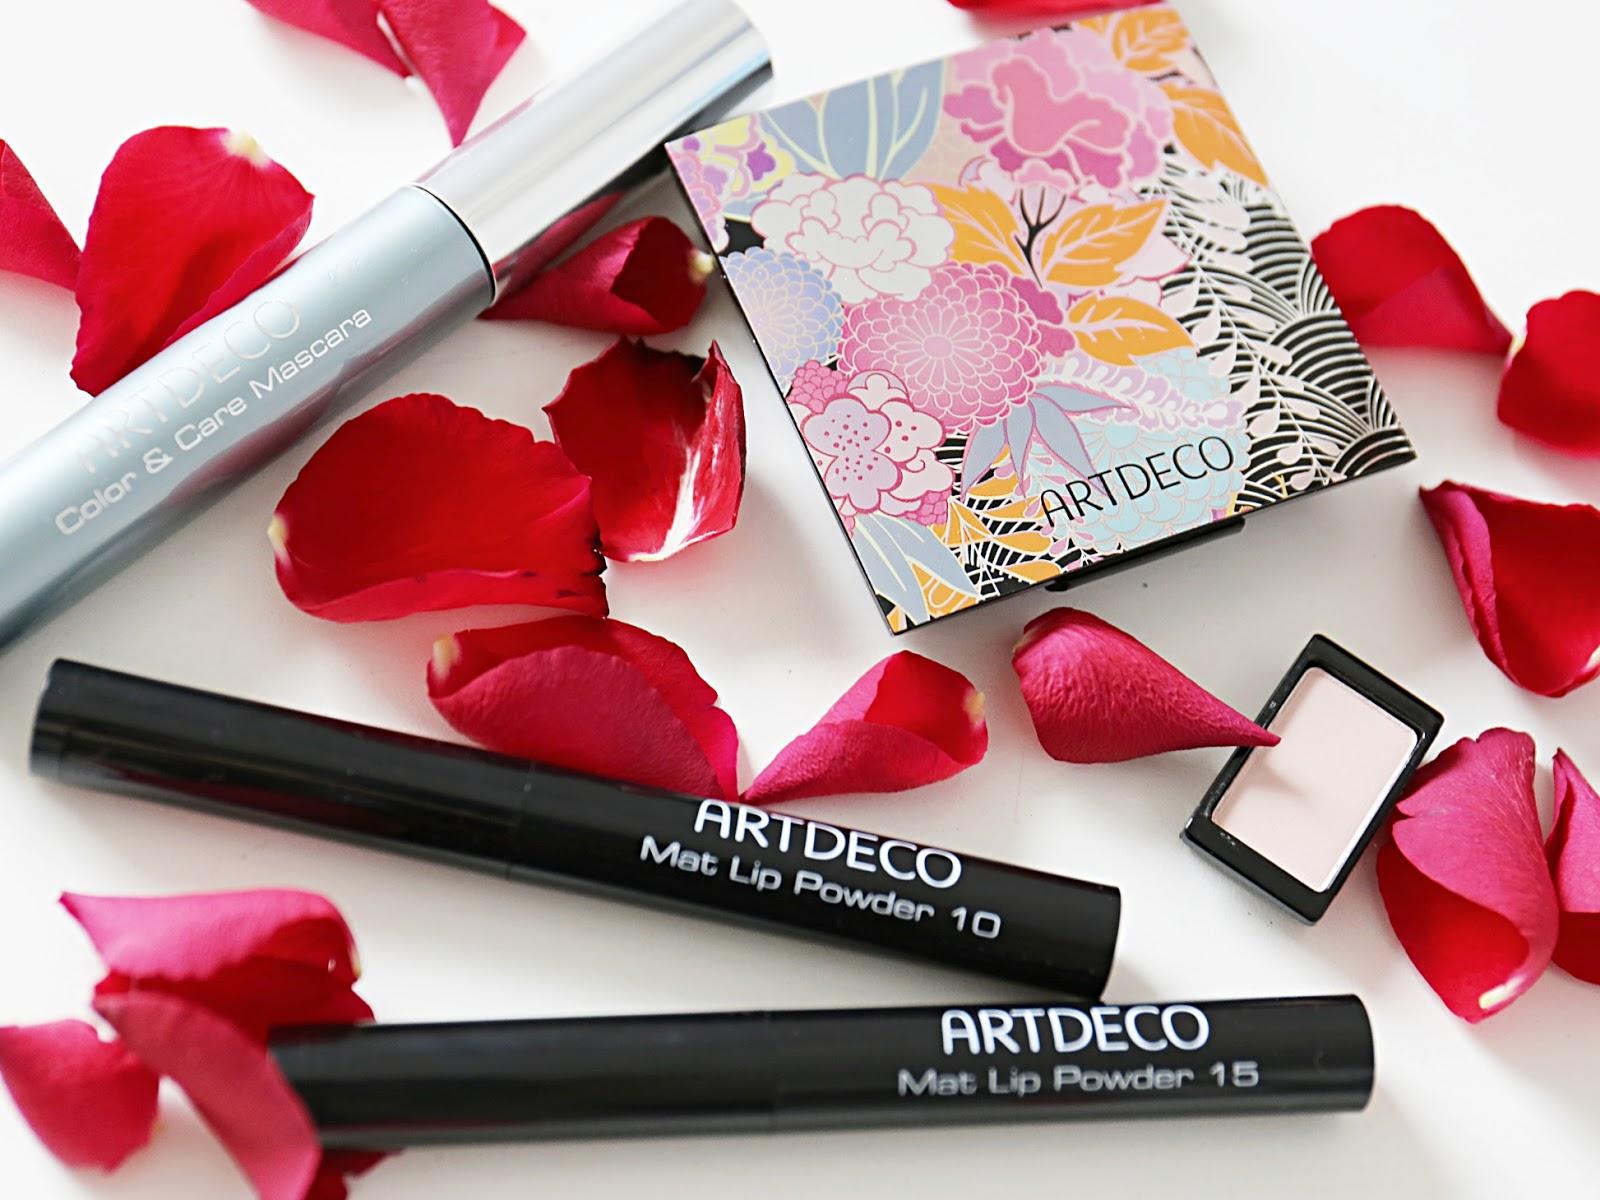 Artdeco Hypnotic Blossom